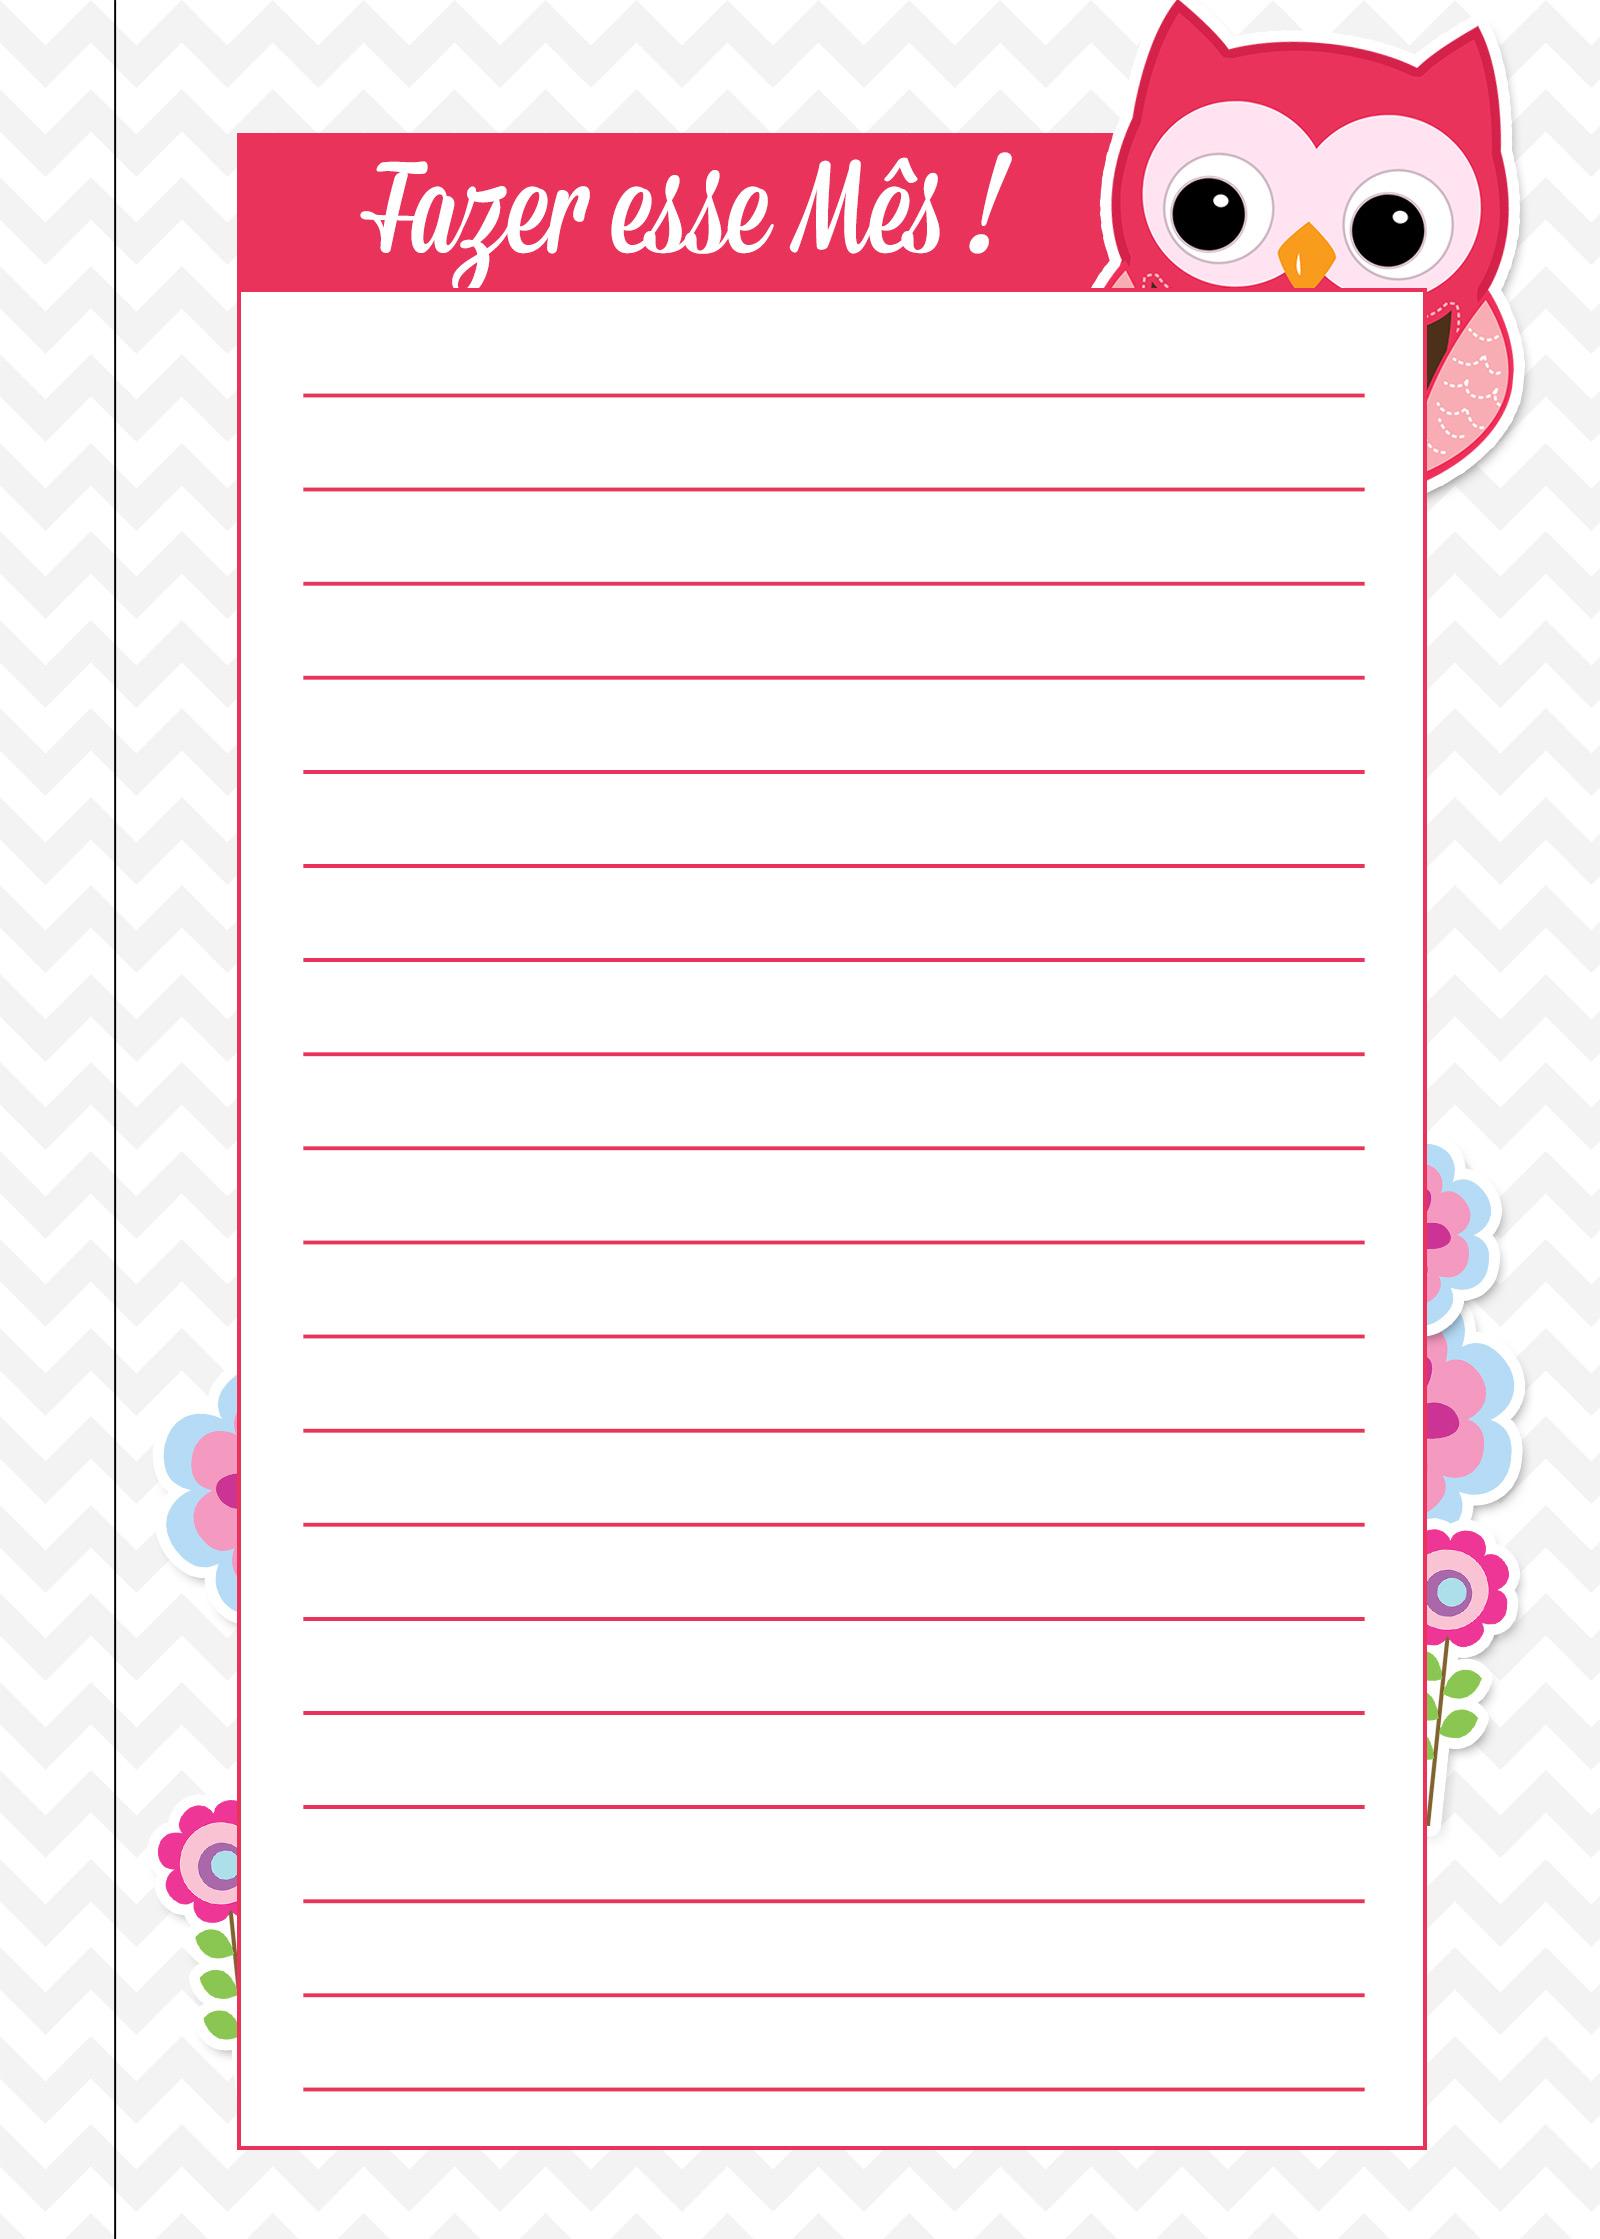 Caderno de Planejamento para Professores autoavaliacao fazer esse mes corujinha